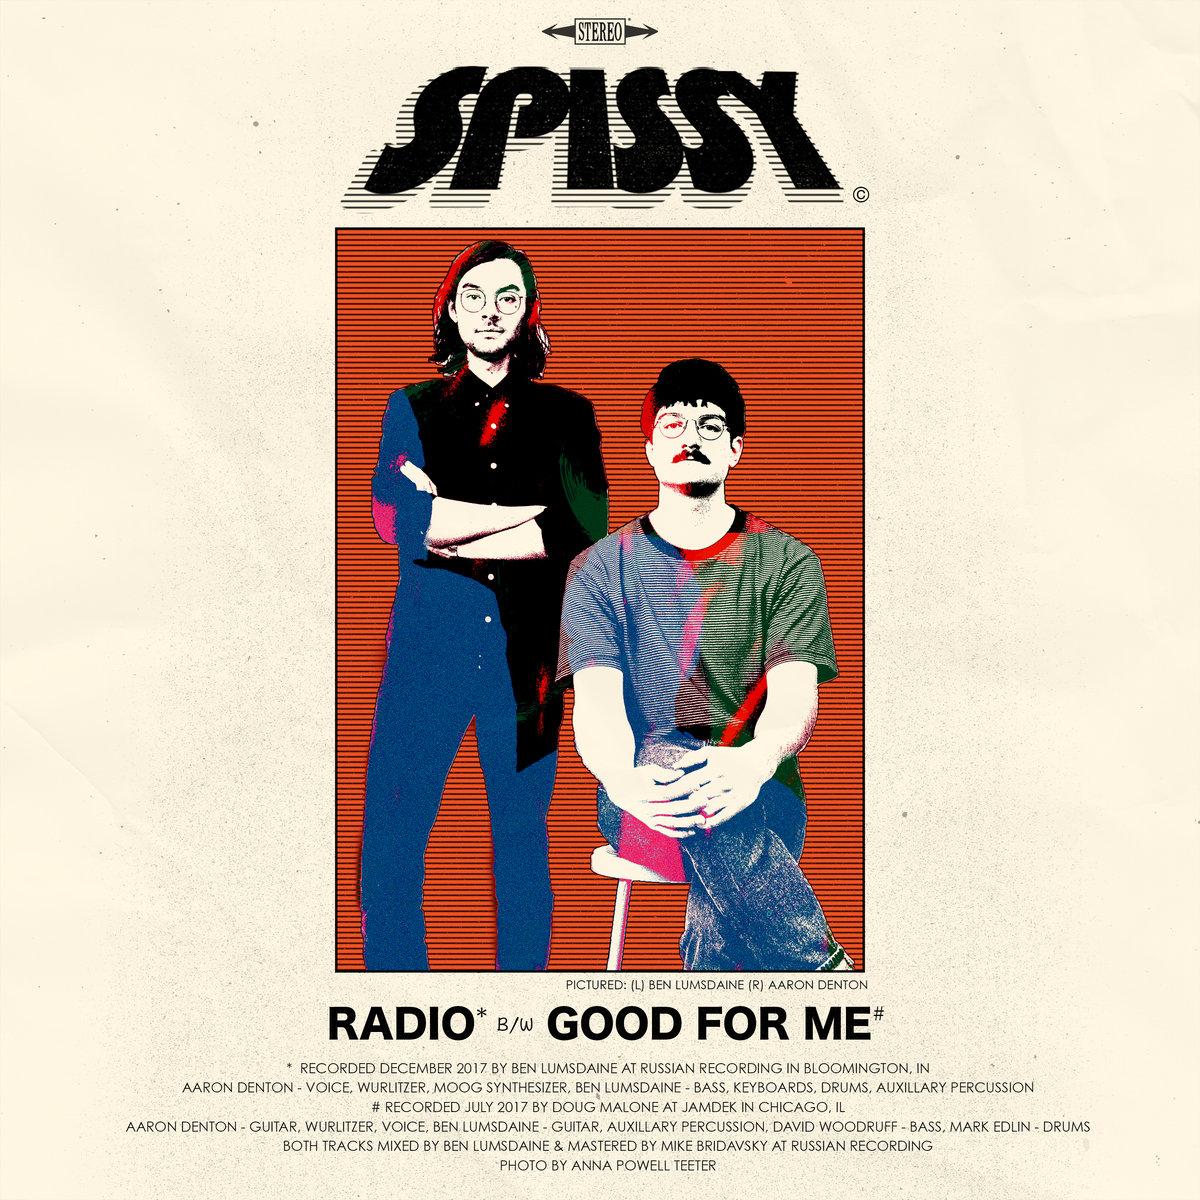 Spissy - Radio b/w Good For Me